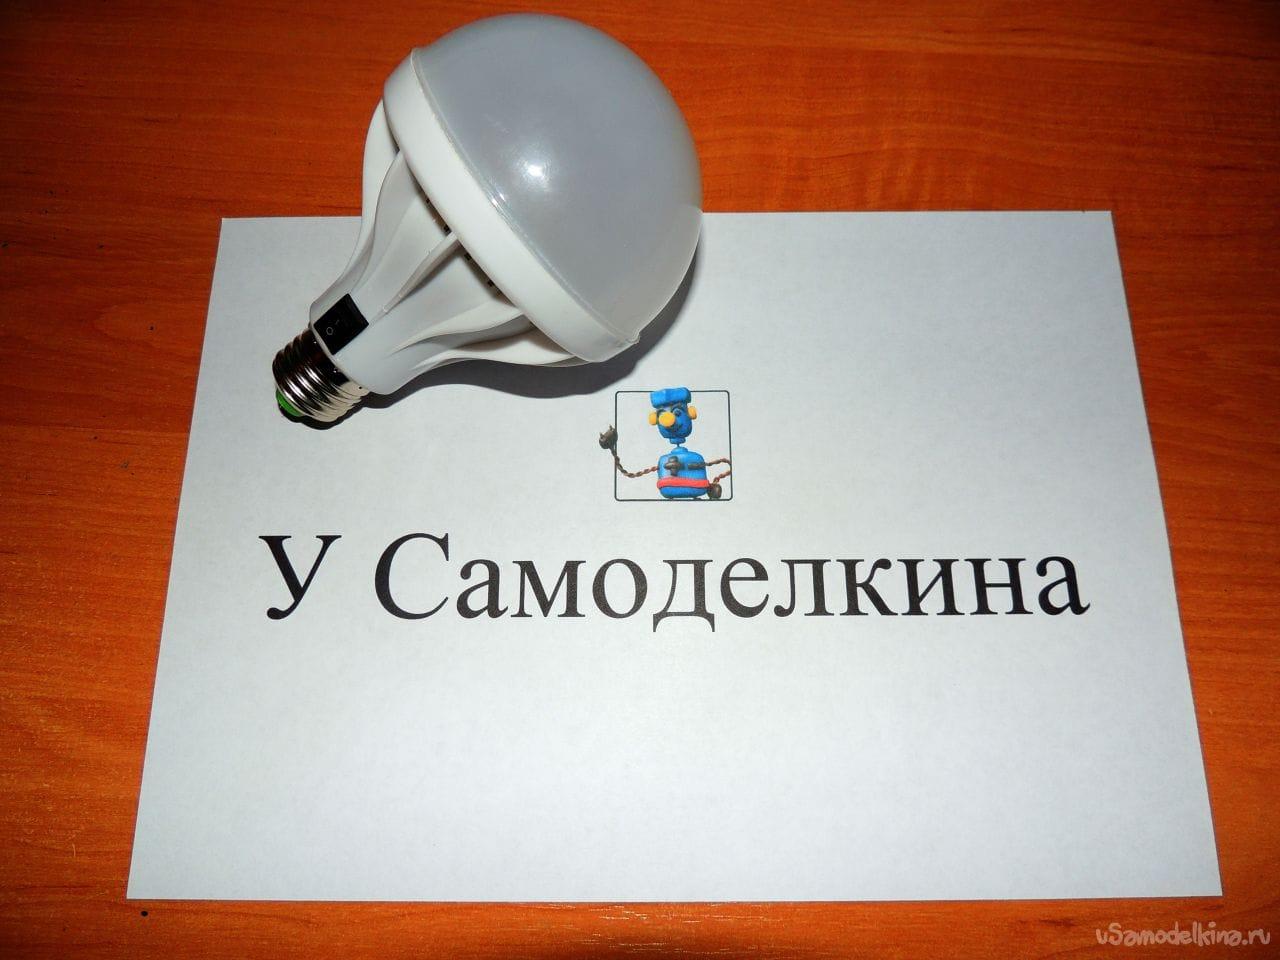 Банковский перевод, денежный перевод в Минске